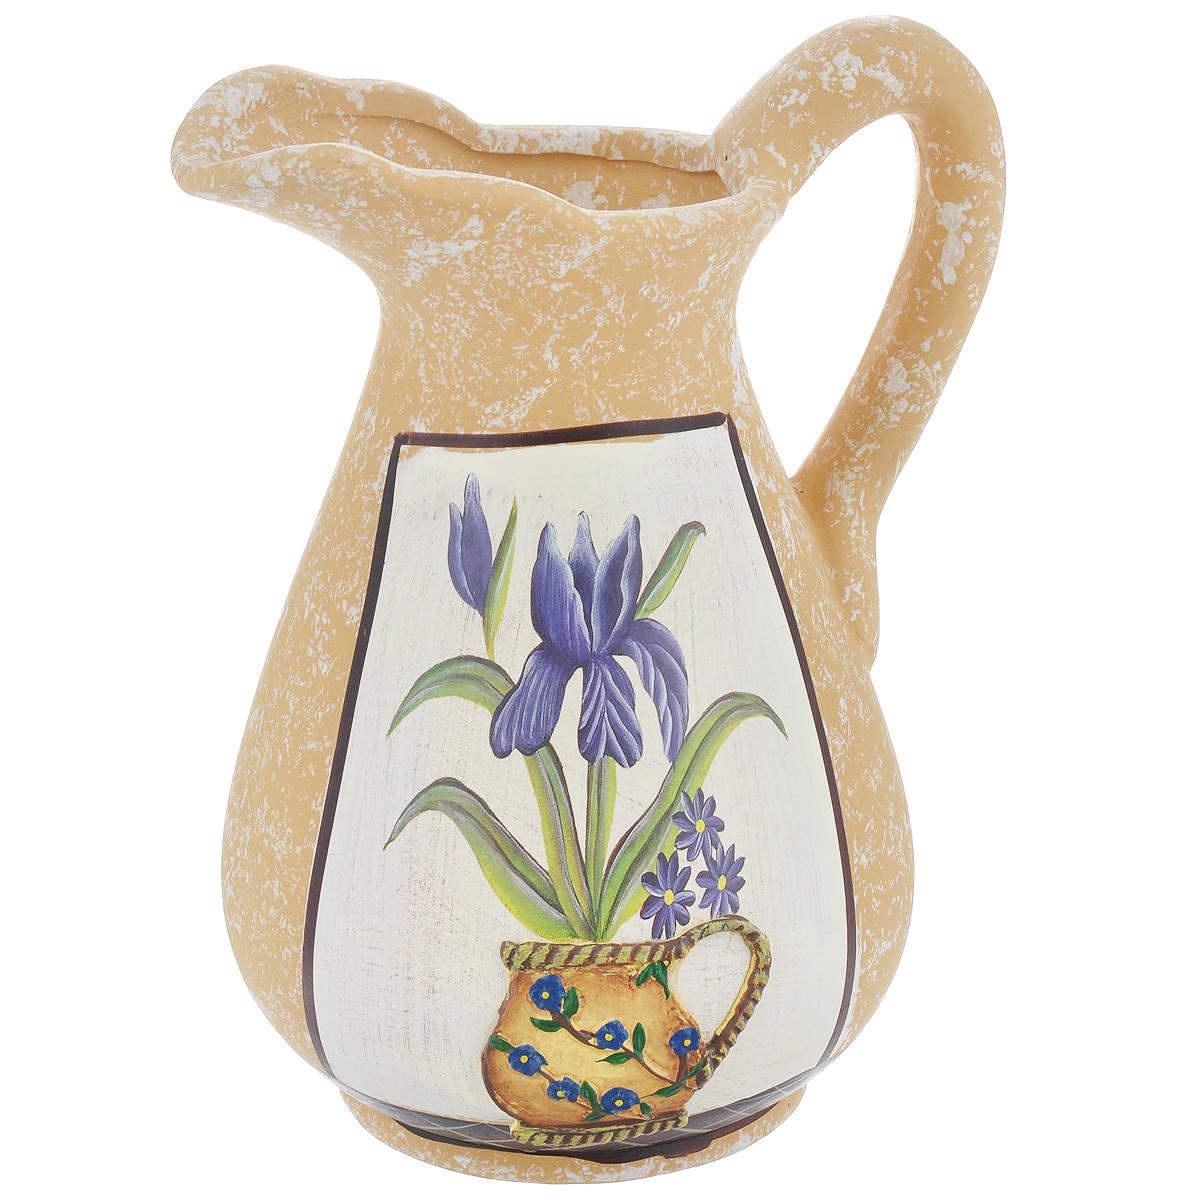 Ваза Lillo Ирисы, высота 25 смFS-91909Элегантная ваза Lillo Ирисы выполнена из высококачественной керамики в виде кувшина и декорирована рисунком. Она придется по вкусу и ценителям классики, и тем, кто предпочитает утонченность и изящность. Вы можете поставить вазу в любом месте, где она будет удачно смотреться и радовать глаз. Такая ваза подойдет и для цветов, и для декора интерьера. Кроме того - это отличный вариант подарка для ваших близких и друзей. Высота вазы: 25 см.Диаметр по верхнему краю: 6 см.Диаметр основания: 11,5 см.